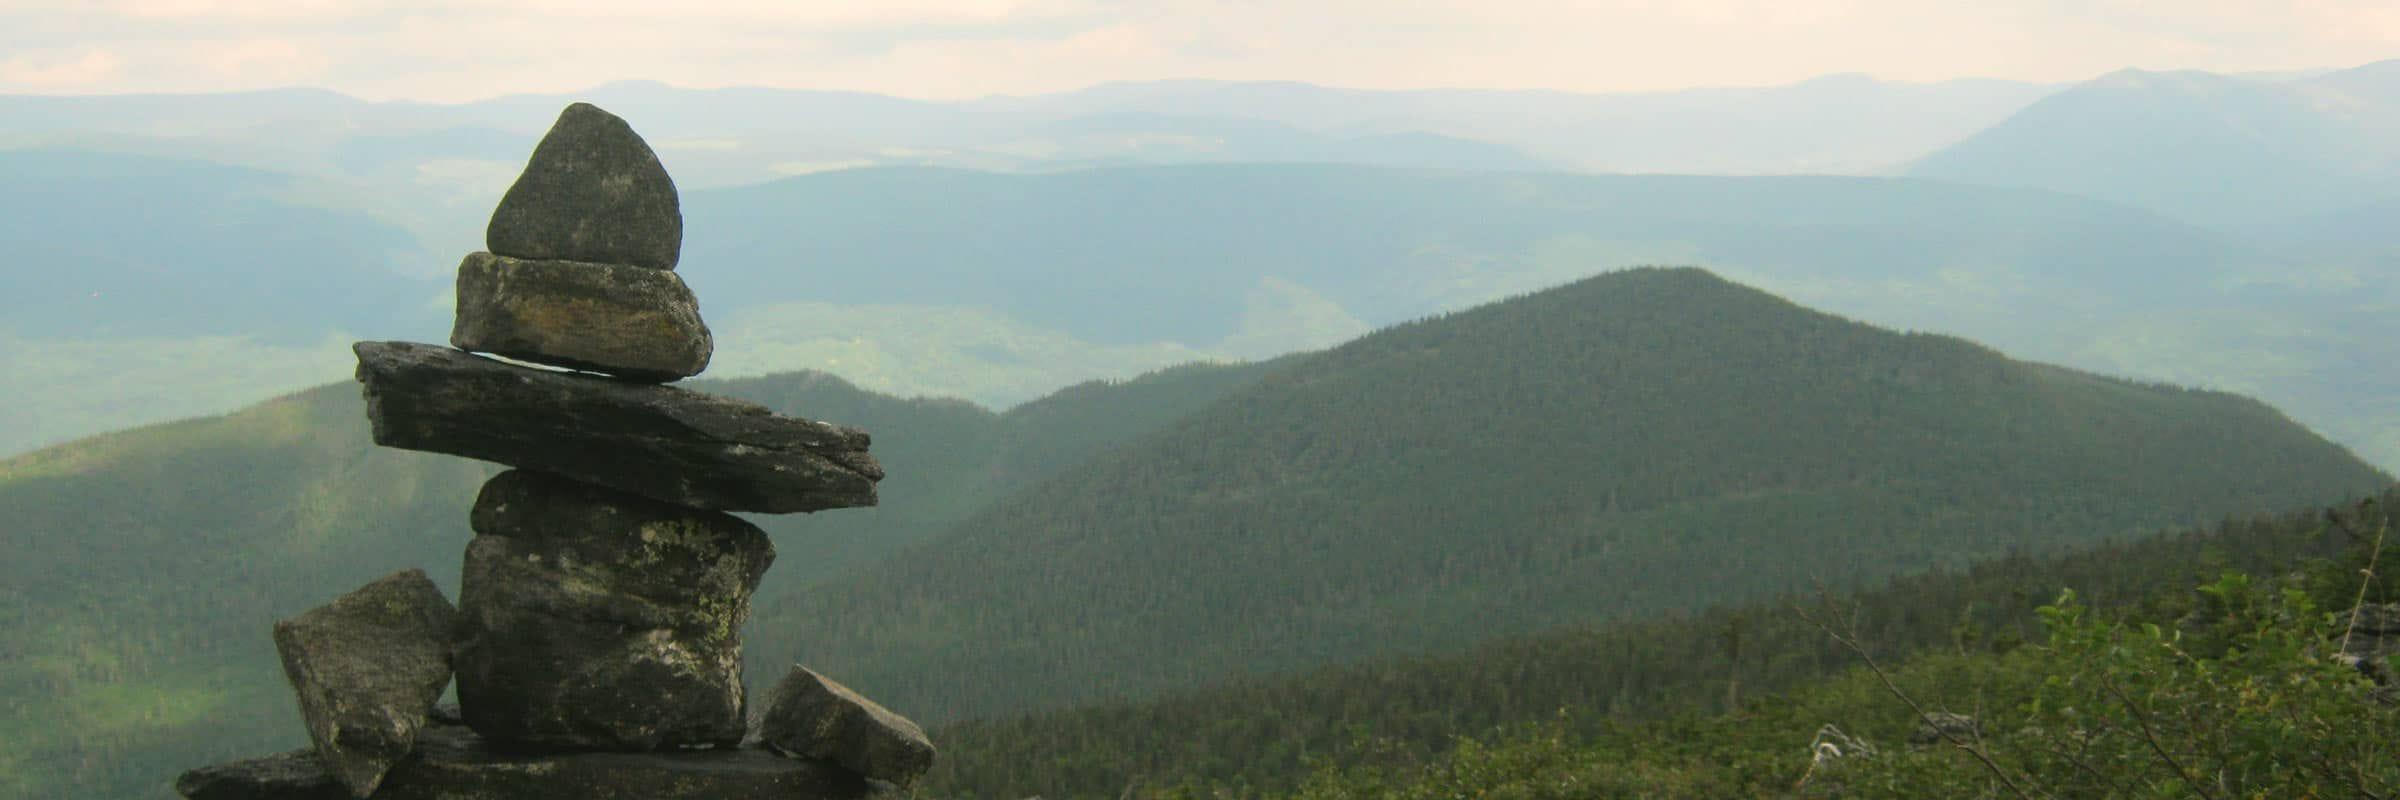 Les 5 plus hauts sommets du Québec pour la randonnée